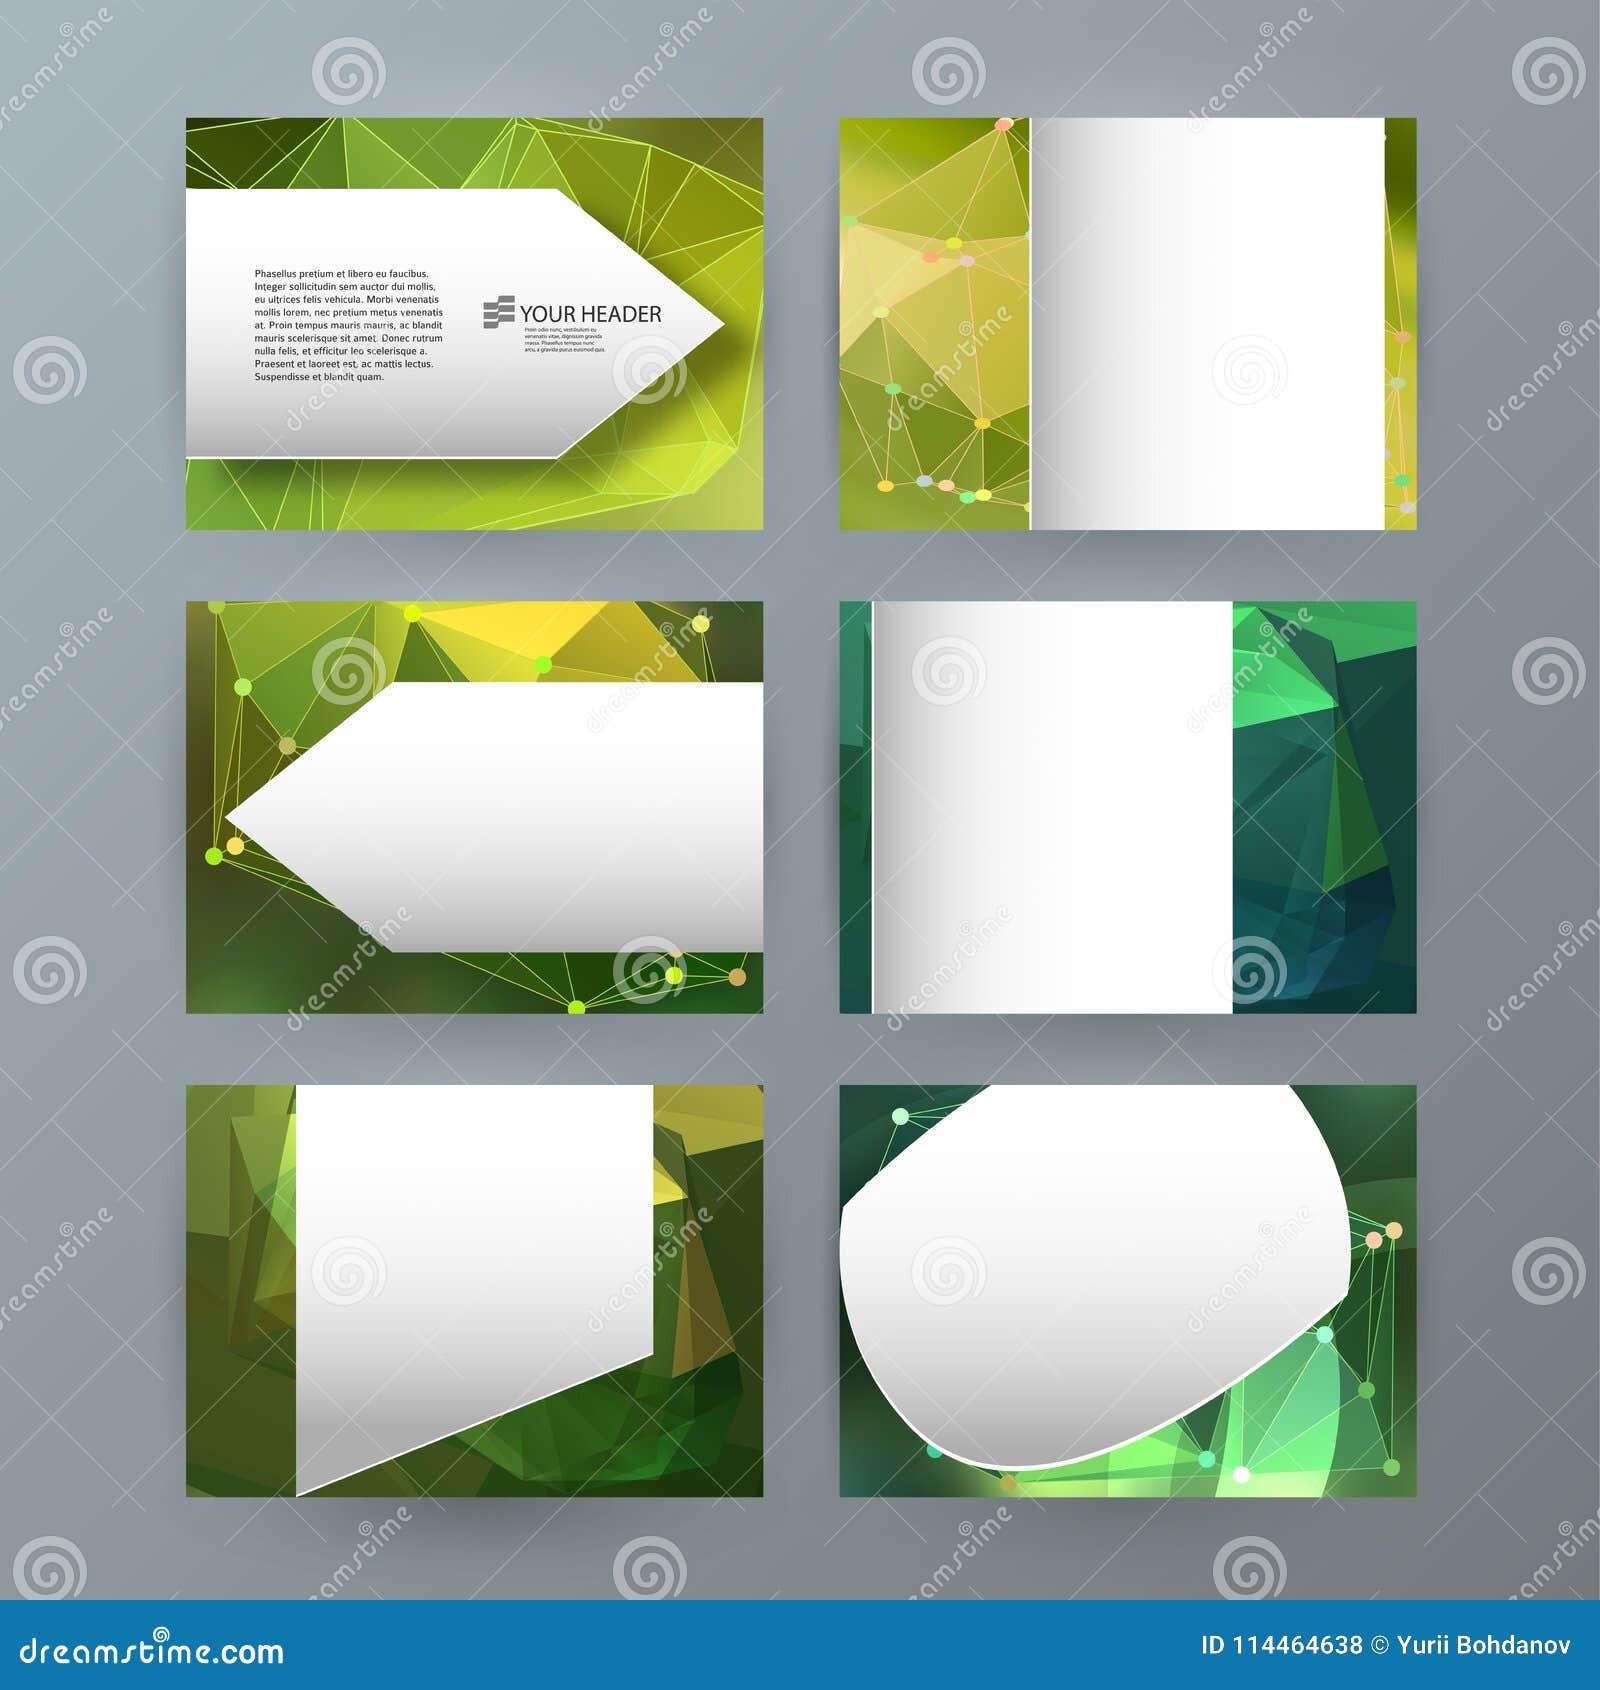 Unduh 7400 Background Banner Elements Gratis